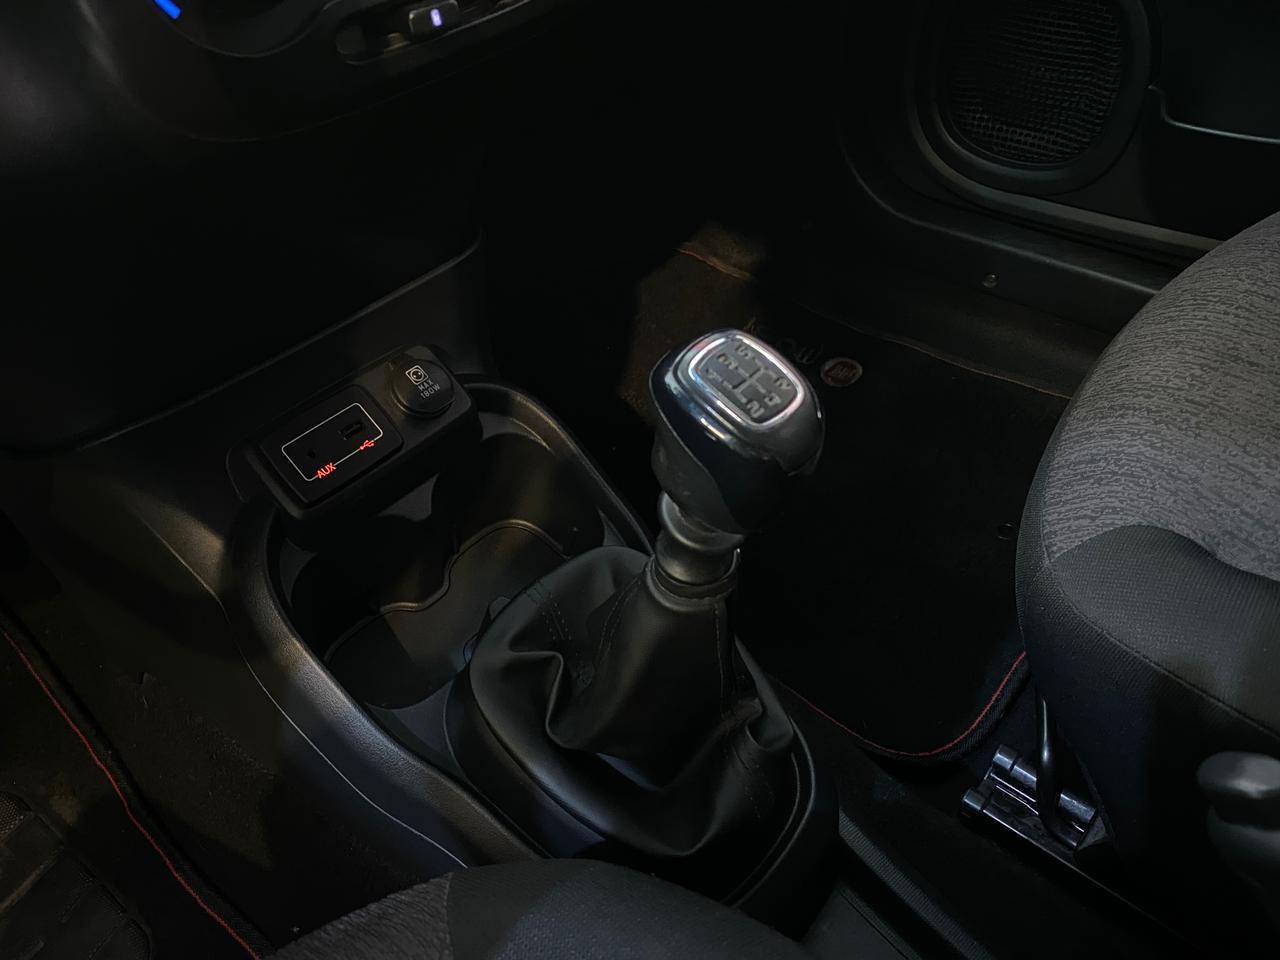 Comprar seminovo Fiat MOBI WAY 1.0 Fire Flex 5p. no Certificados Zensul